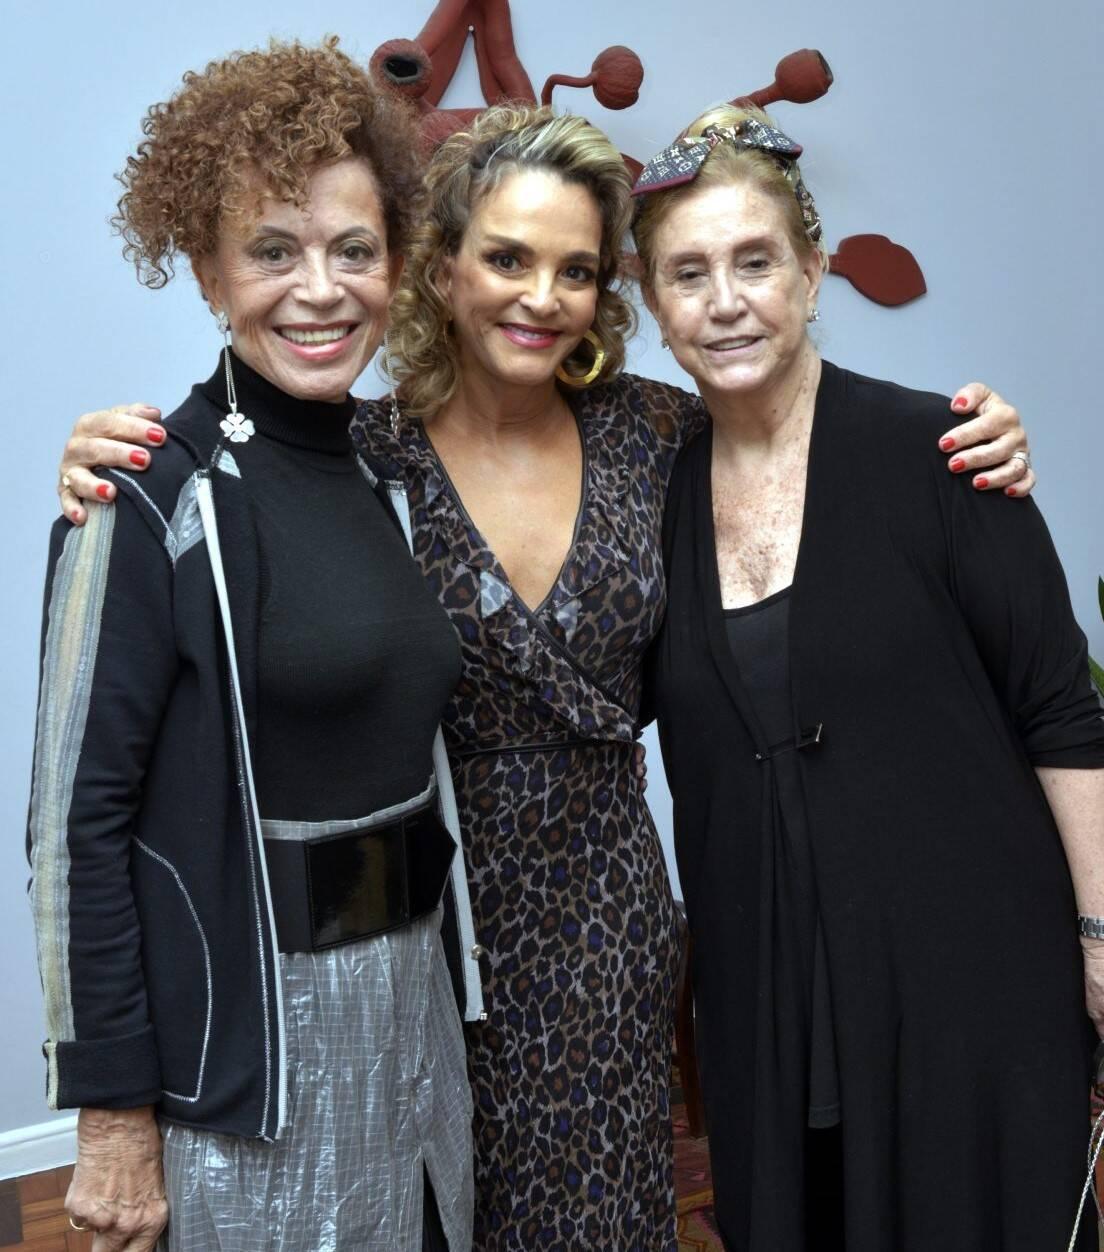 Marialice Celidônio, Cristina Midosi e Madeleine Saade /Foto: Cristina Granato